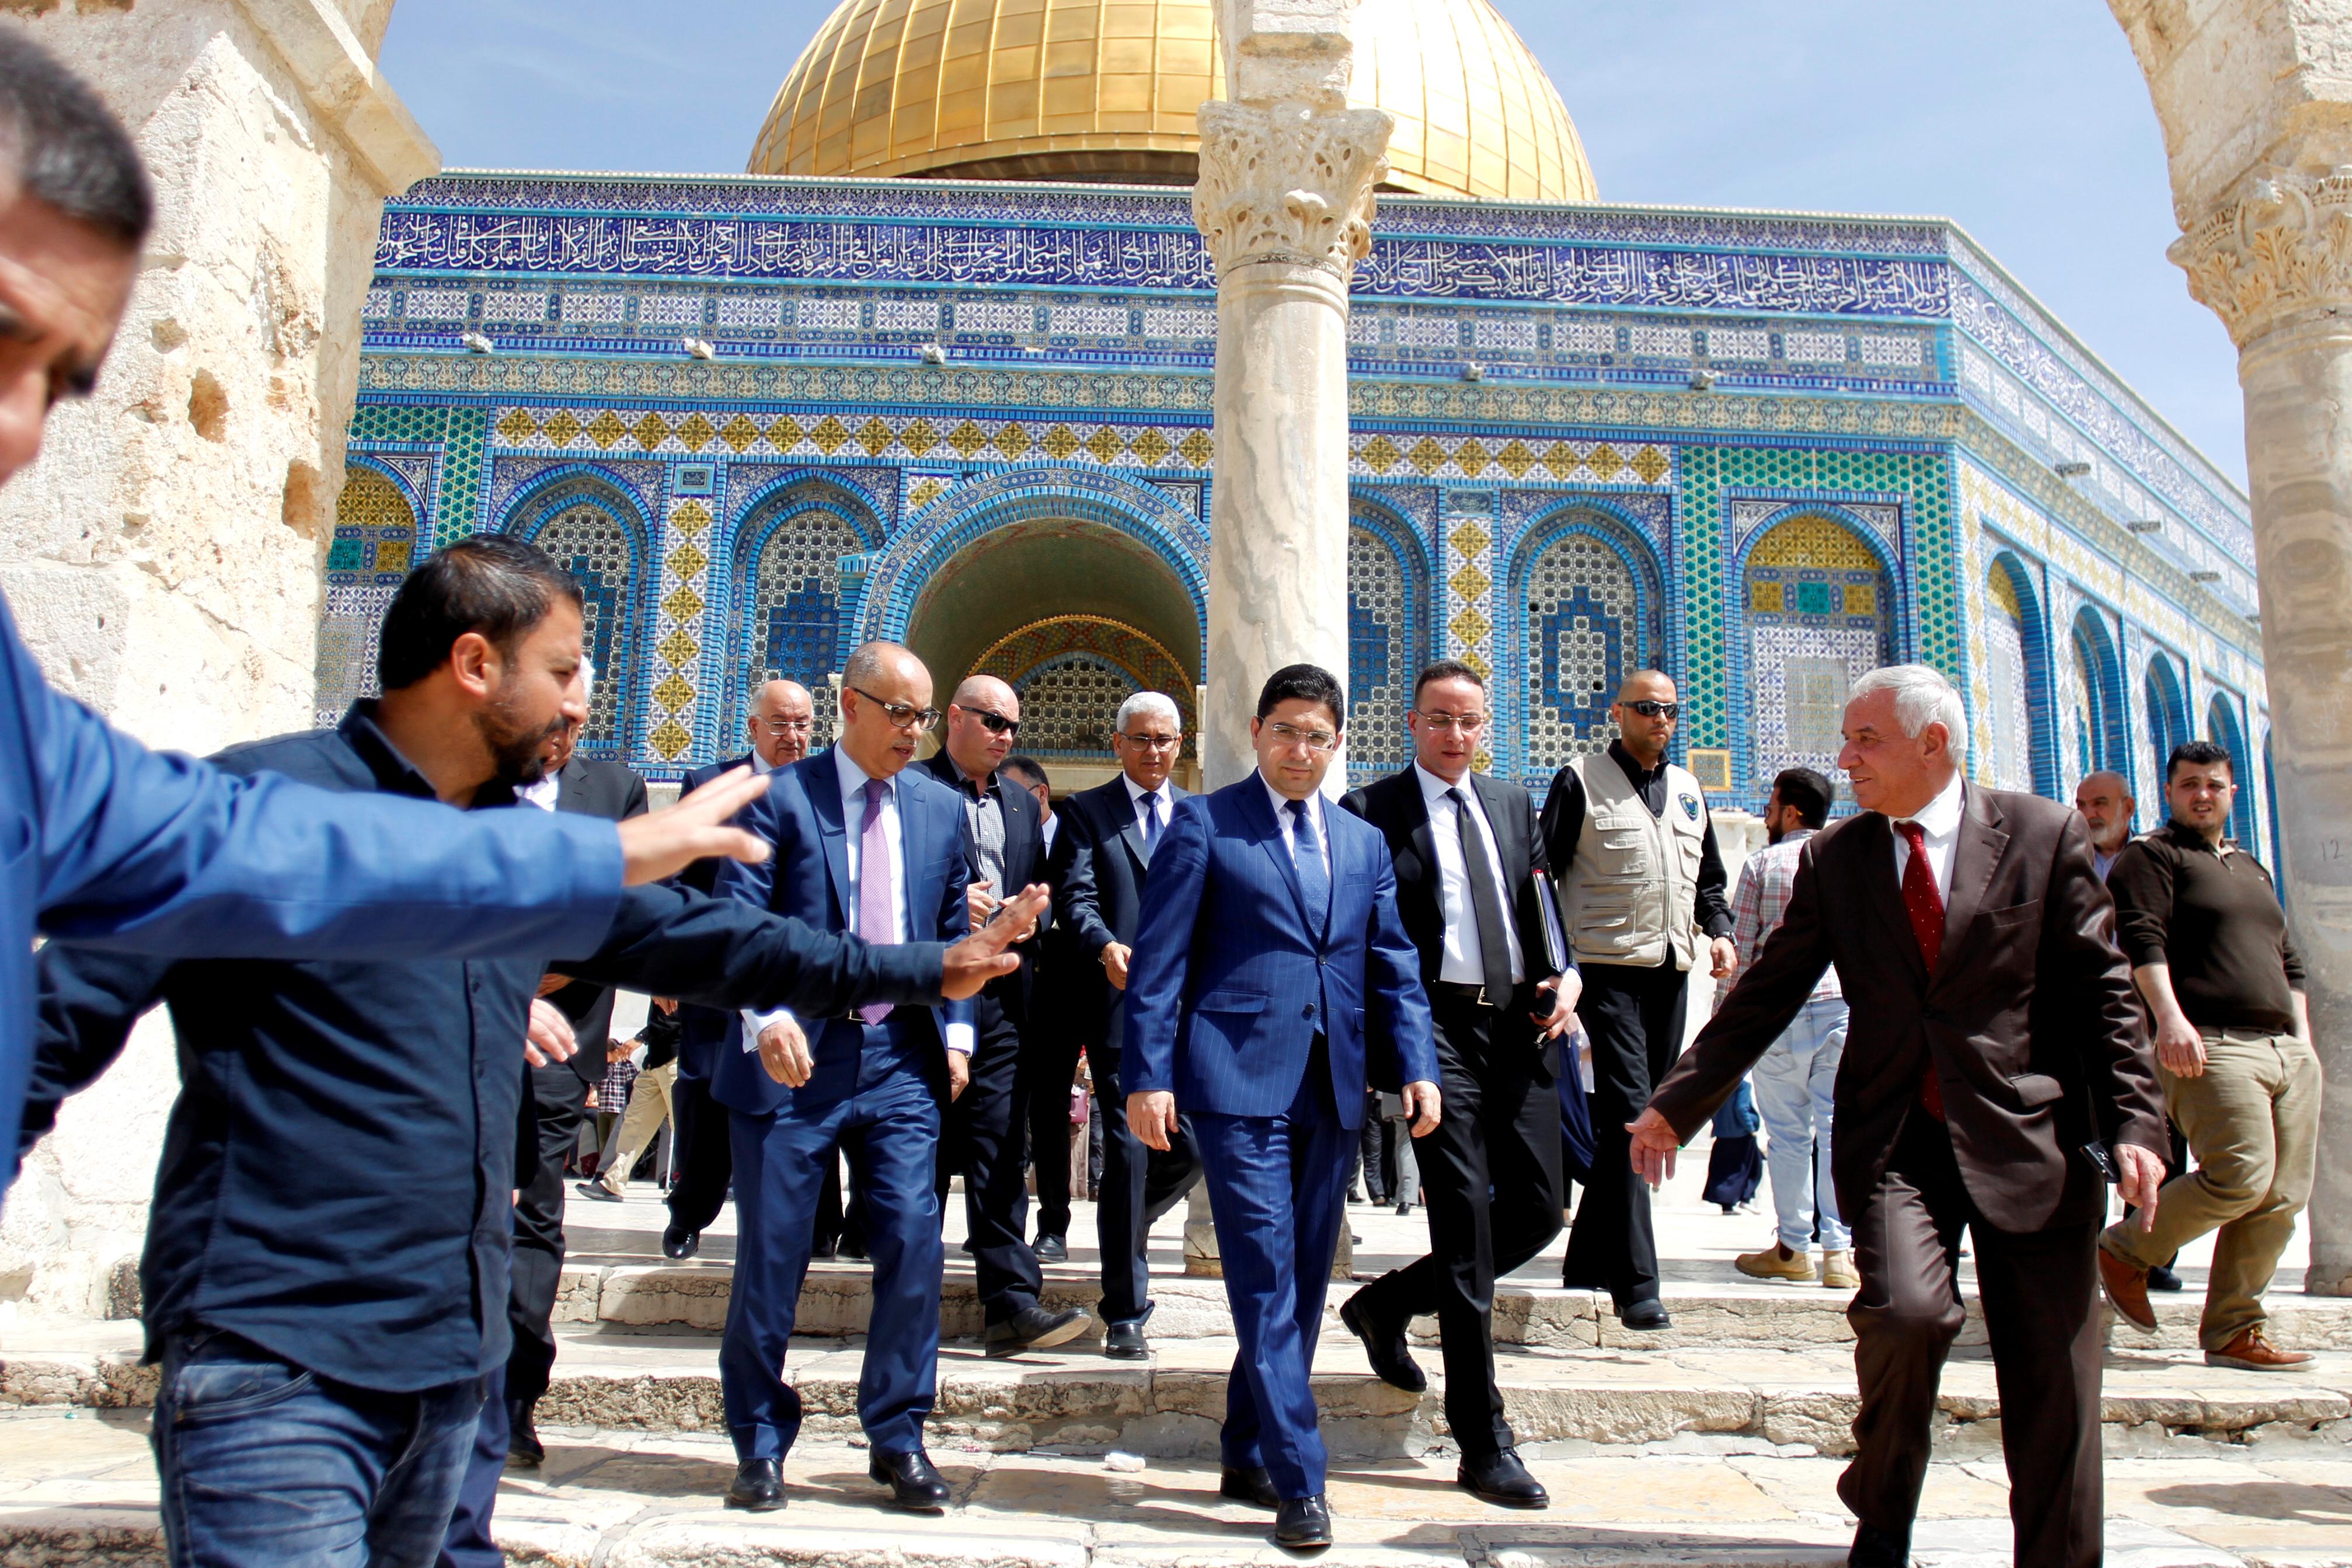 المغرب يدين إطلاق النار بشكل مباشر على الفلسطينيين و يجدد رفضه لنقل السفارة الأمريكية للقدس